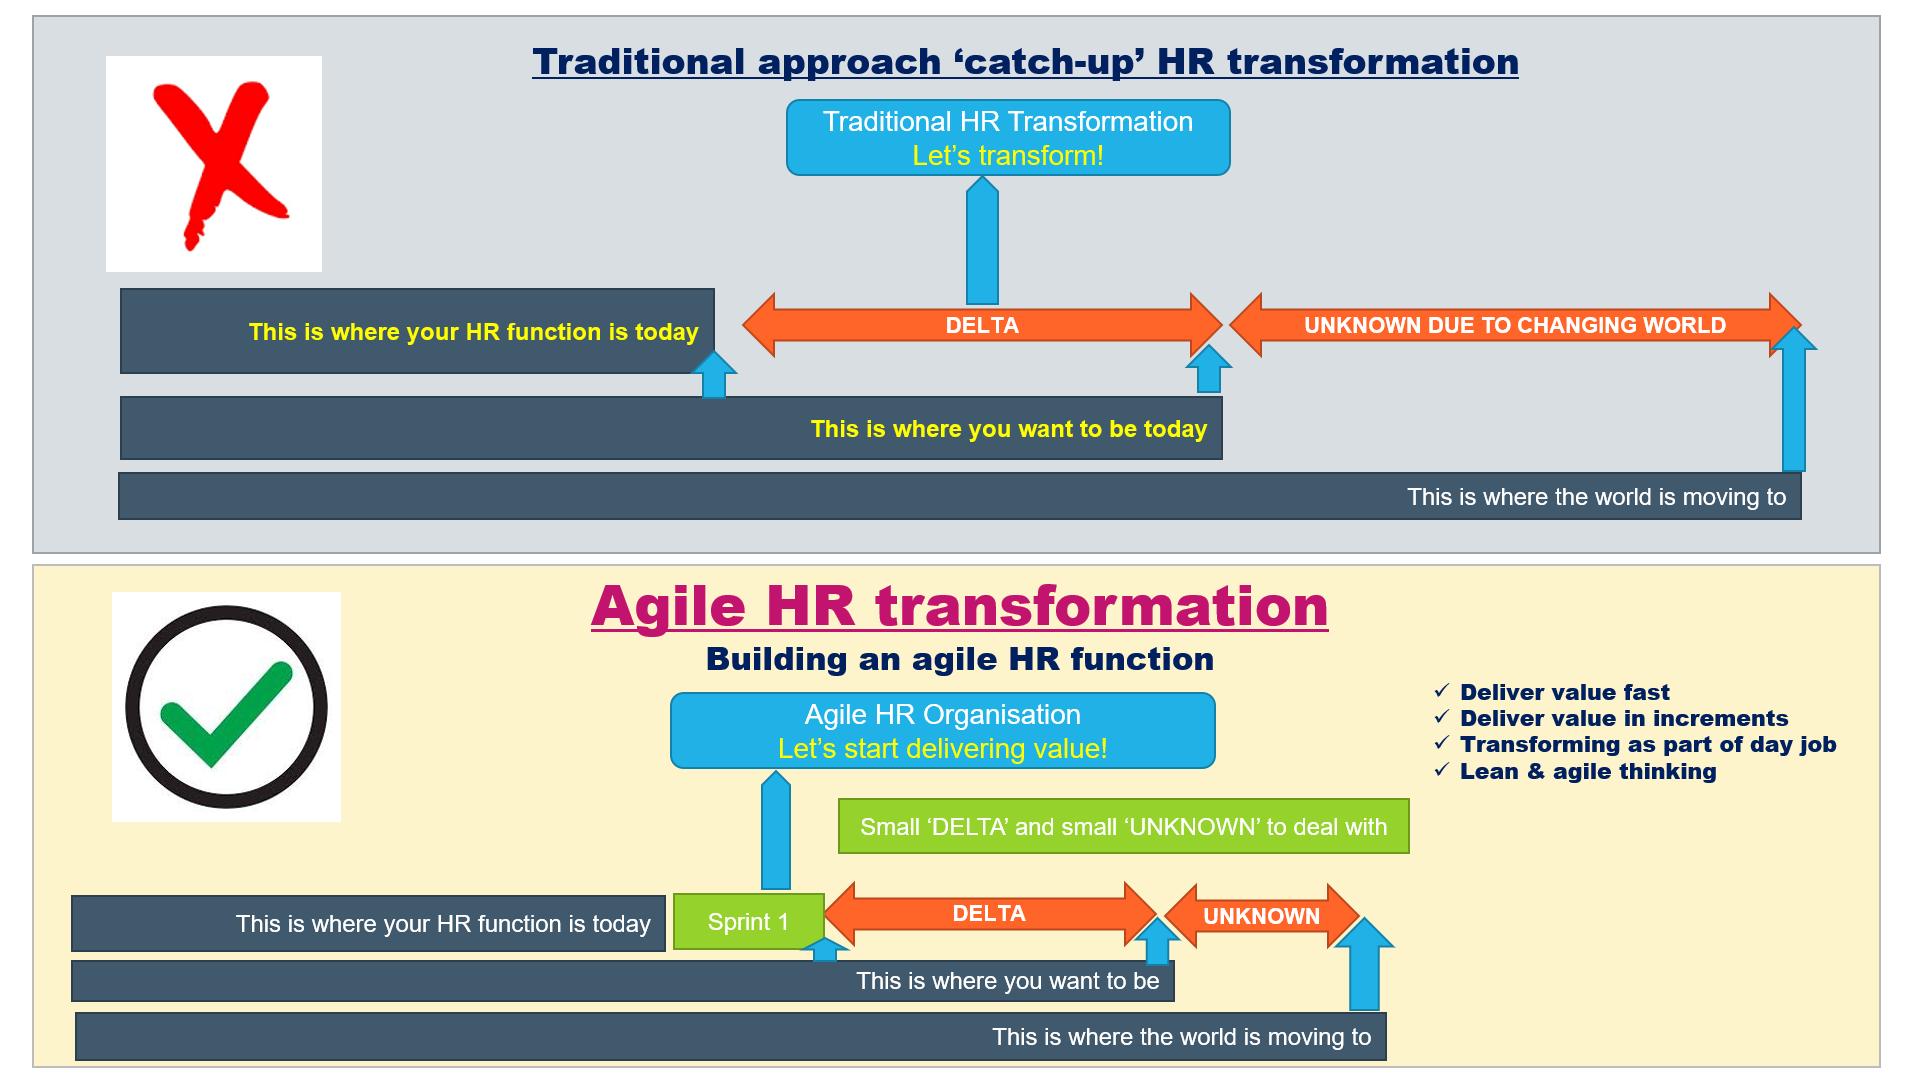 Agile HR transformation